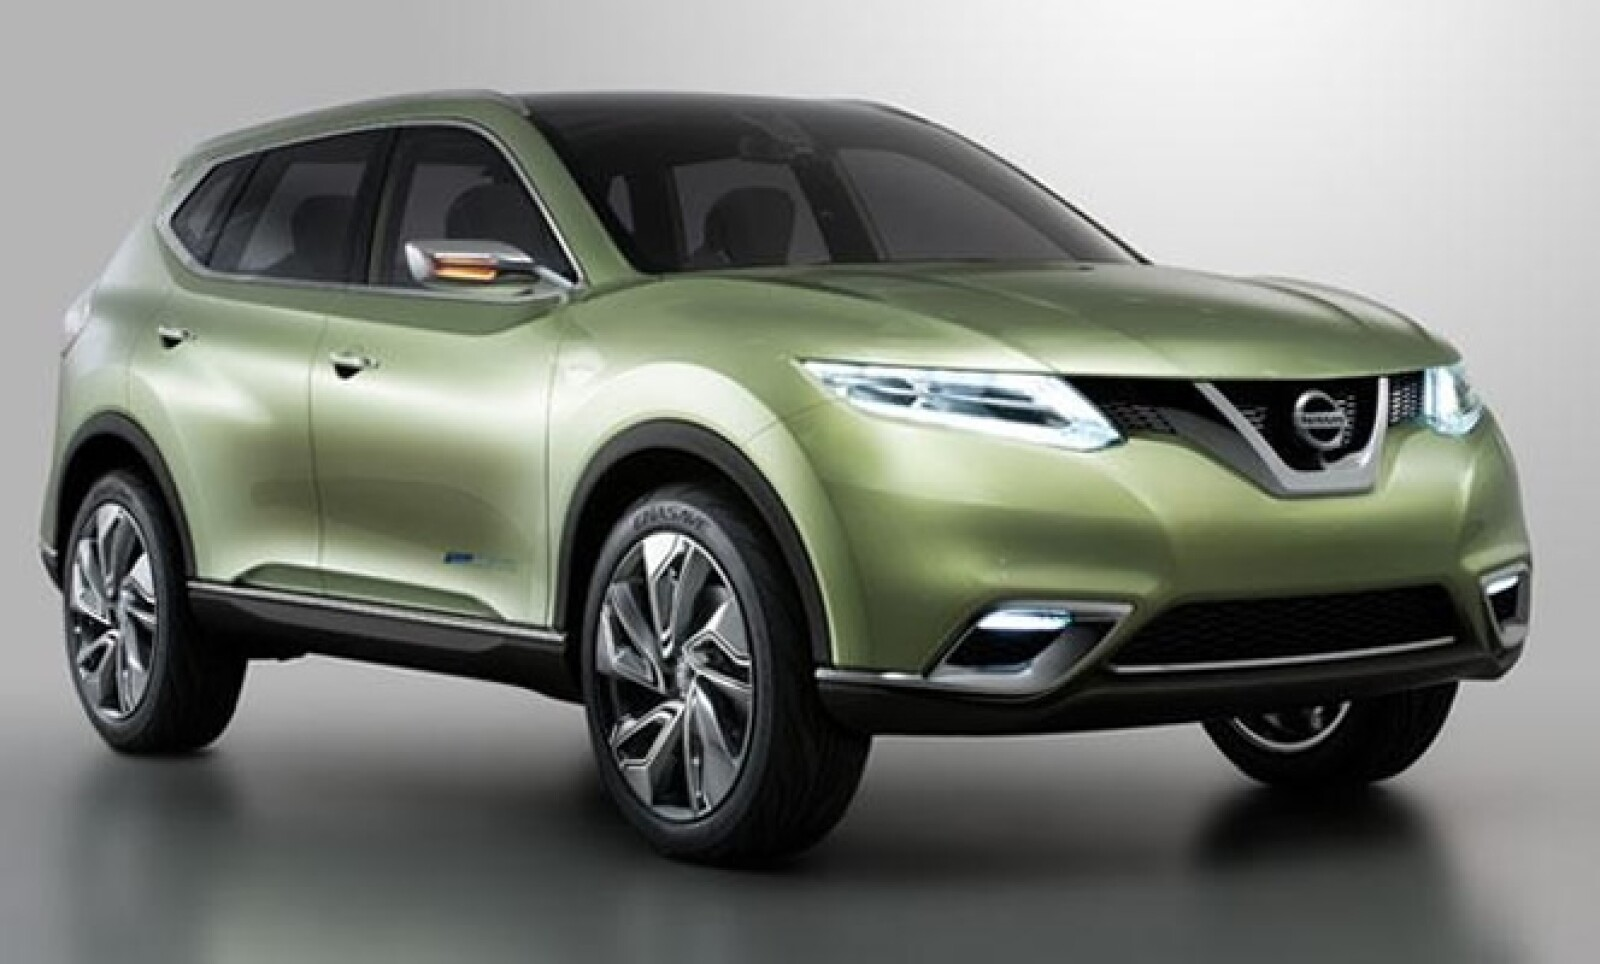 El diseño de esta SUV tiene un largo de 4,660 milímetros (mm), ancho de 1,850 mm y una altura de 1,670 mm.